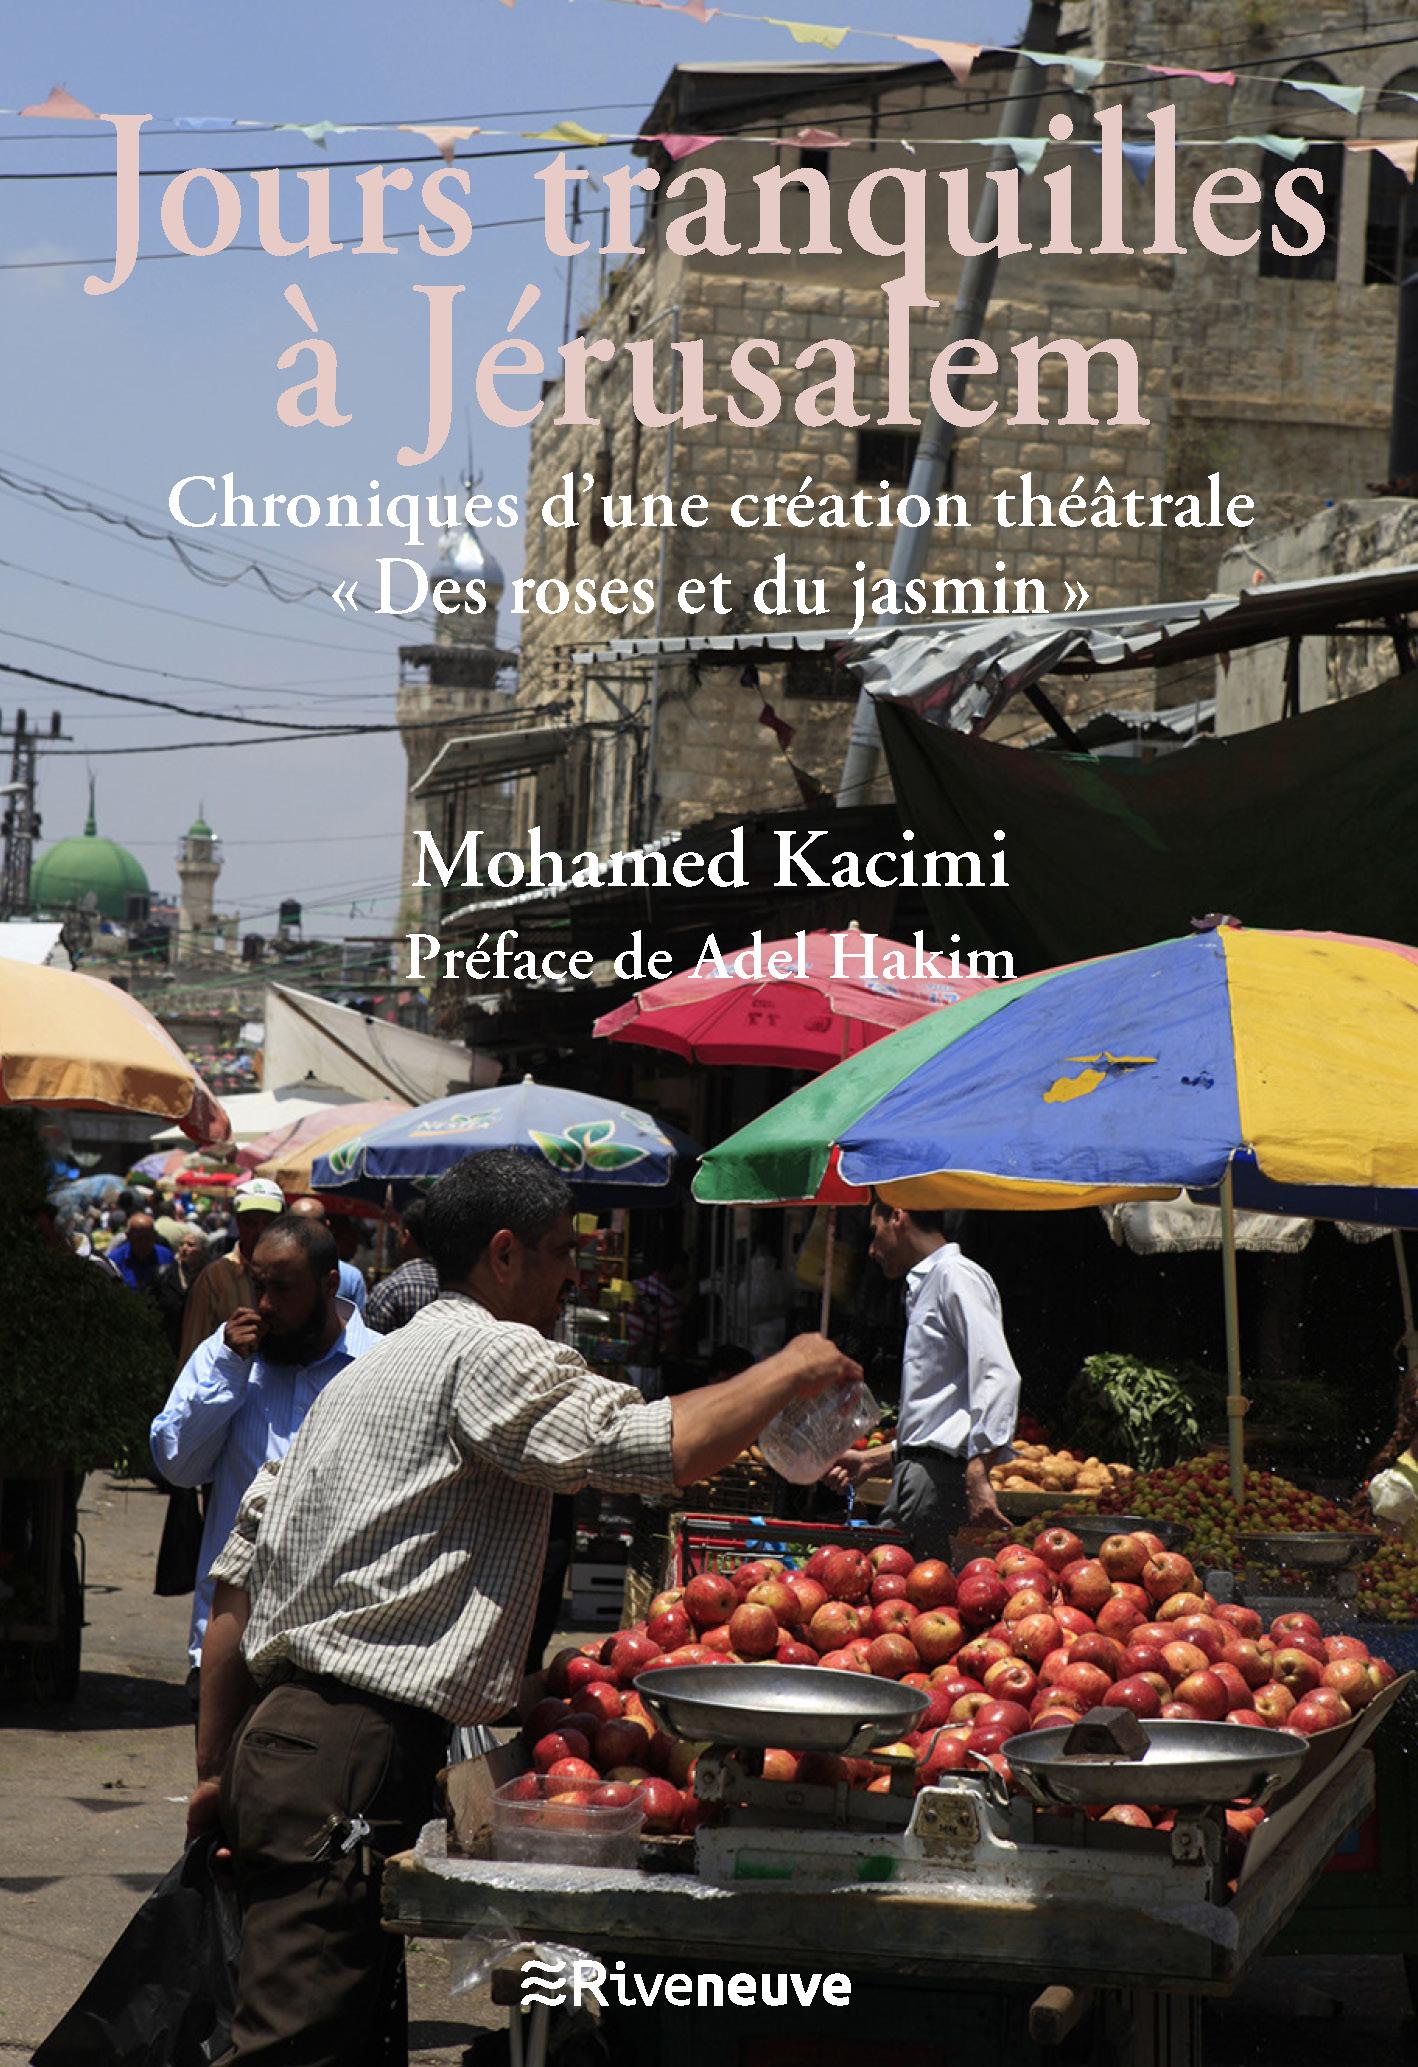 Jours tranquilles à Jérusalem